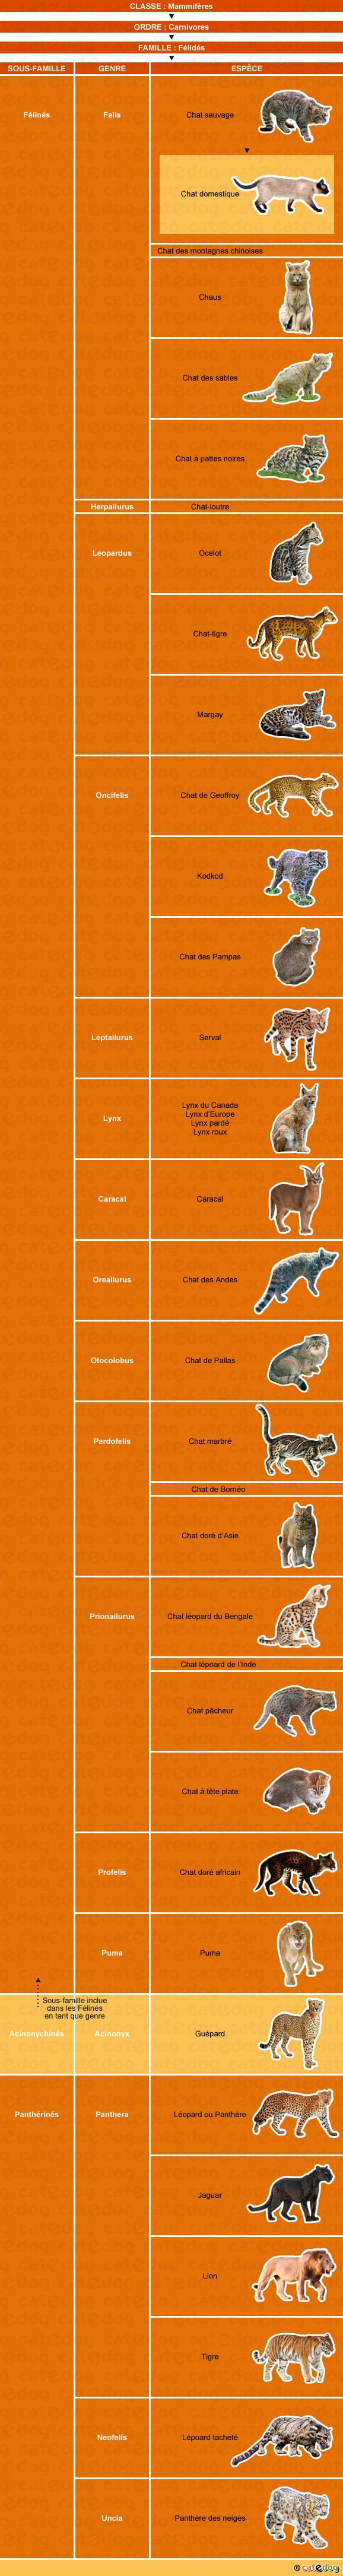 genealogie-historique-du-chat